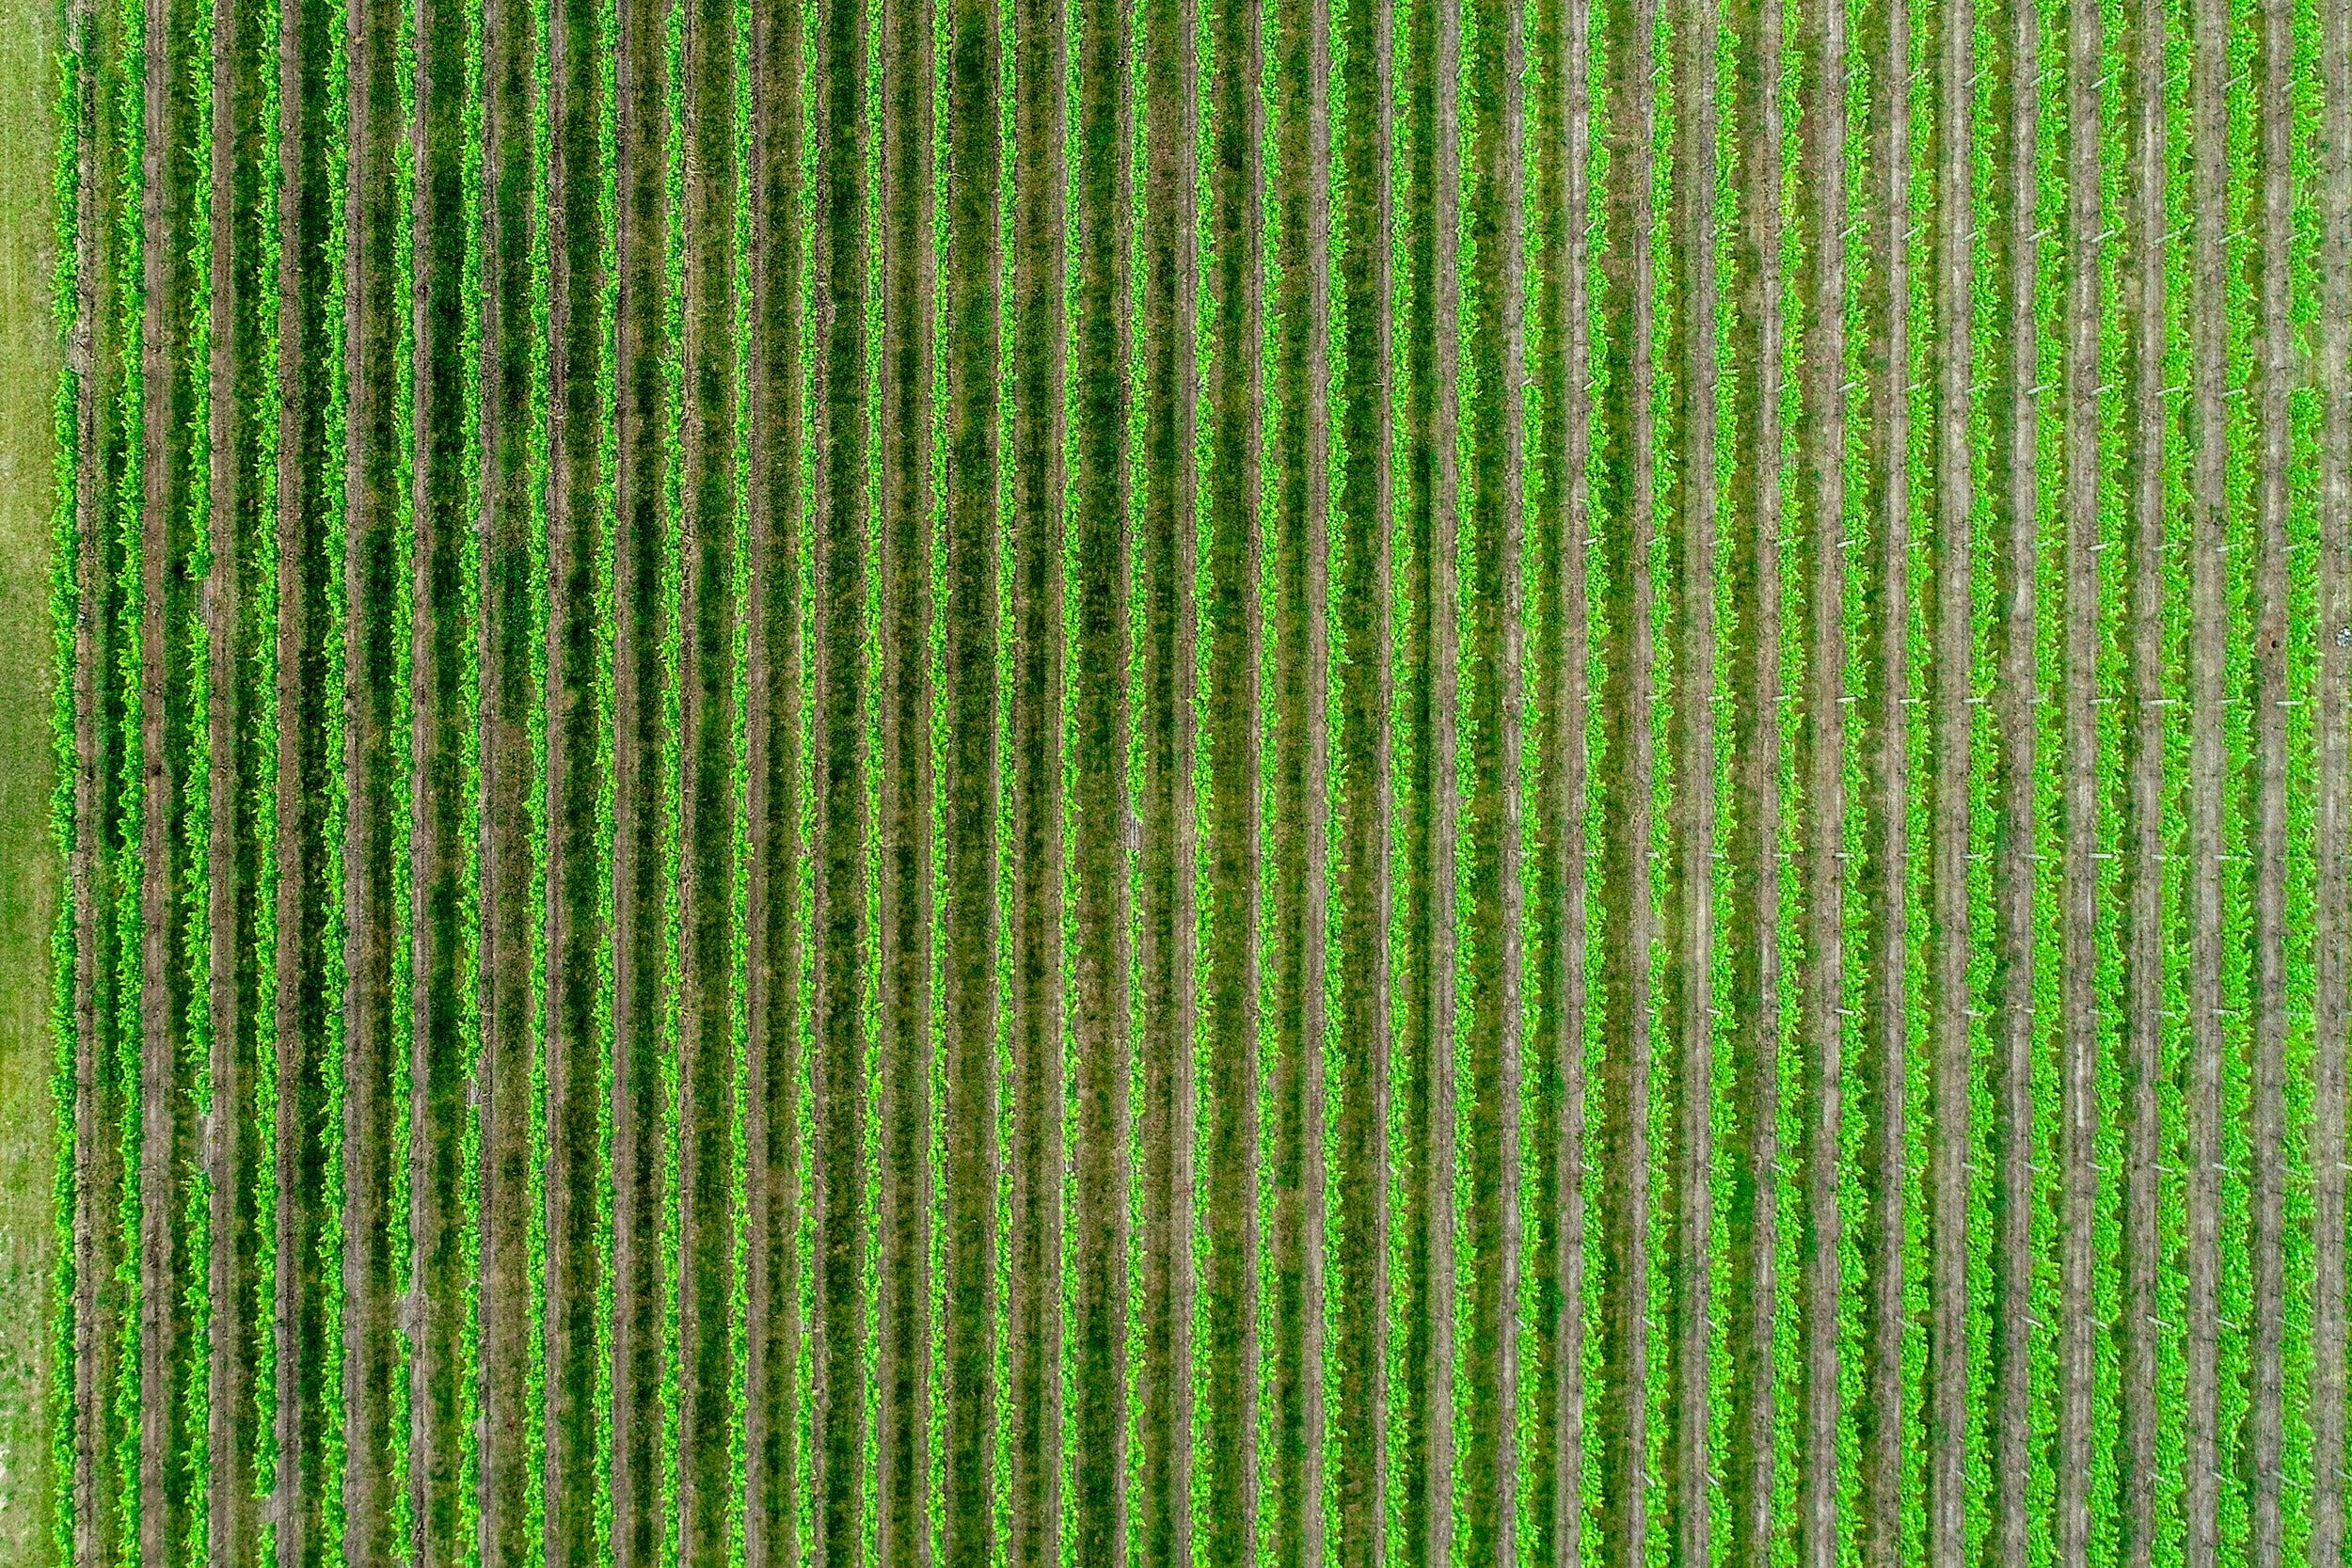 Green field.